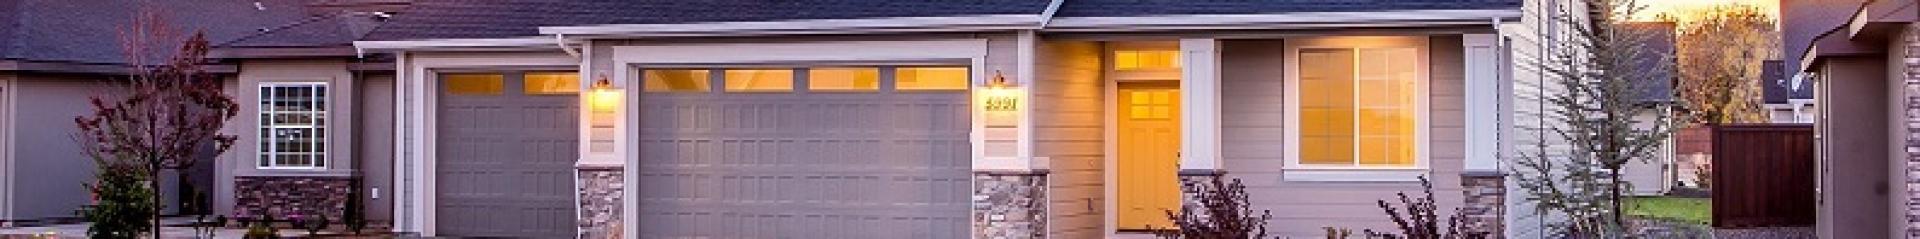 validité diagnostic immobilier